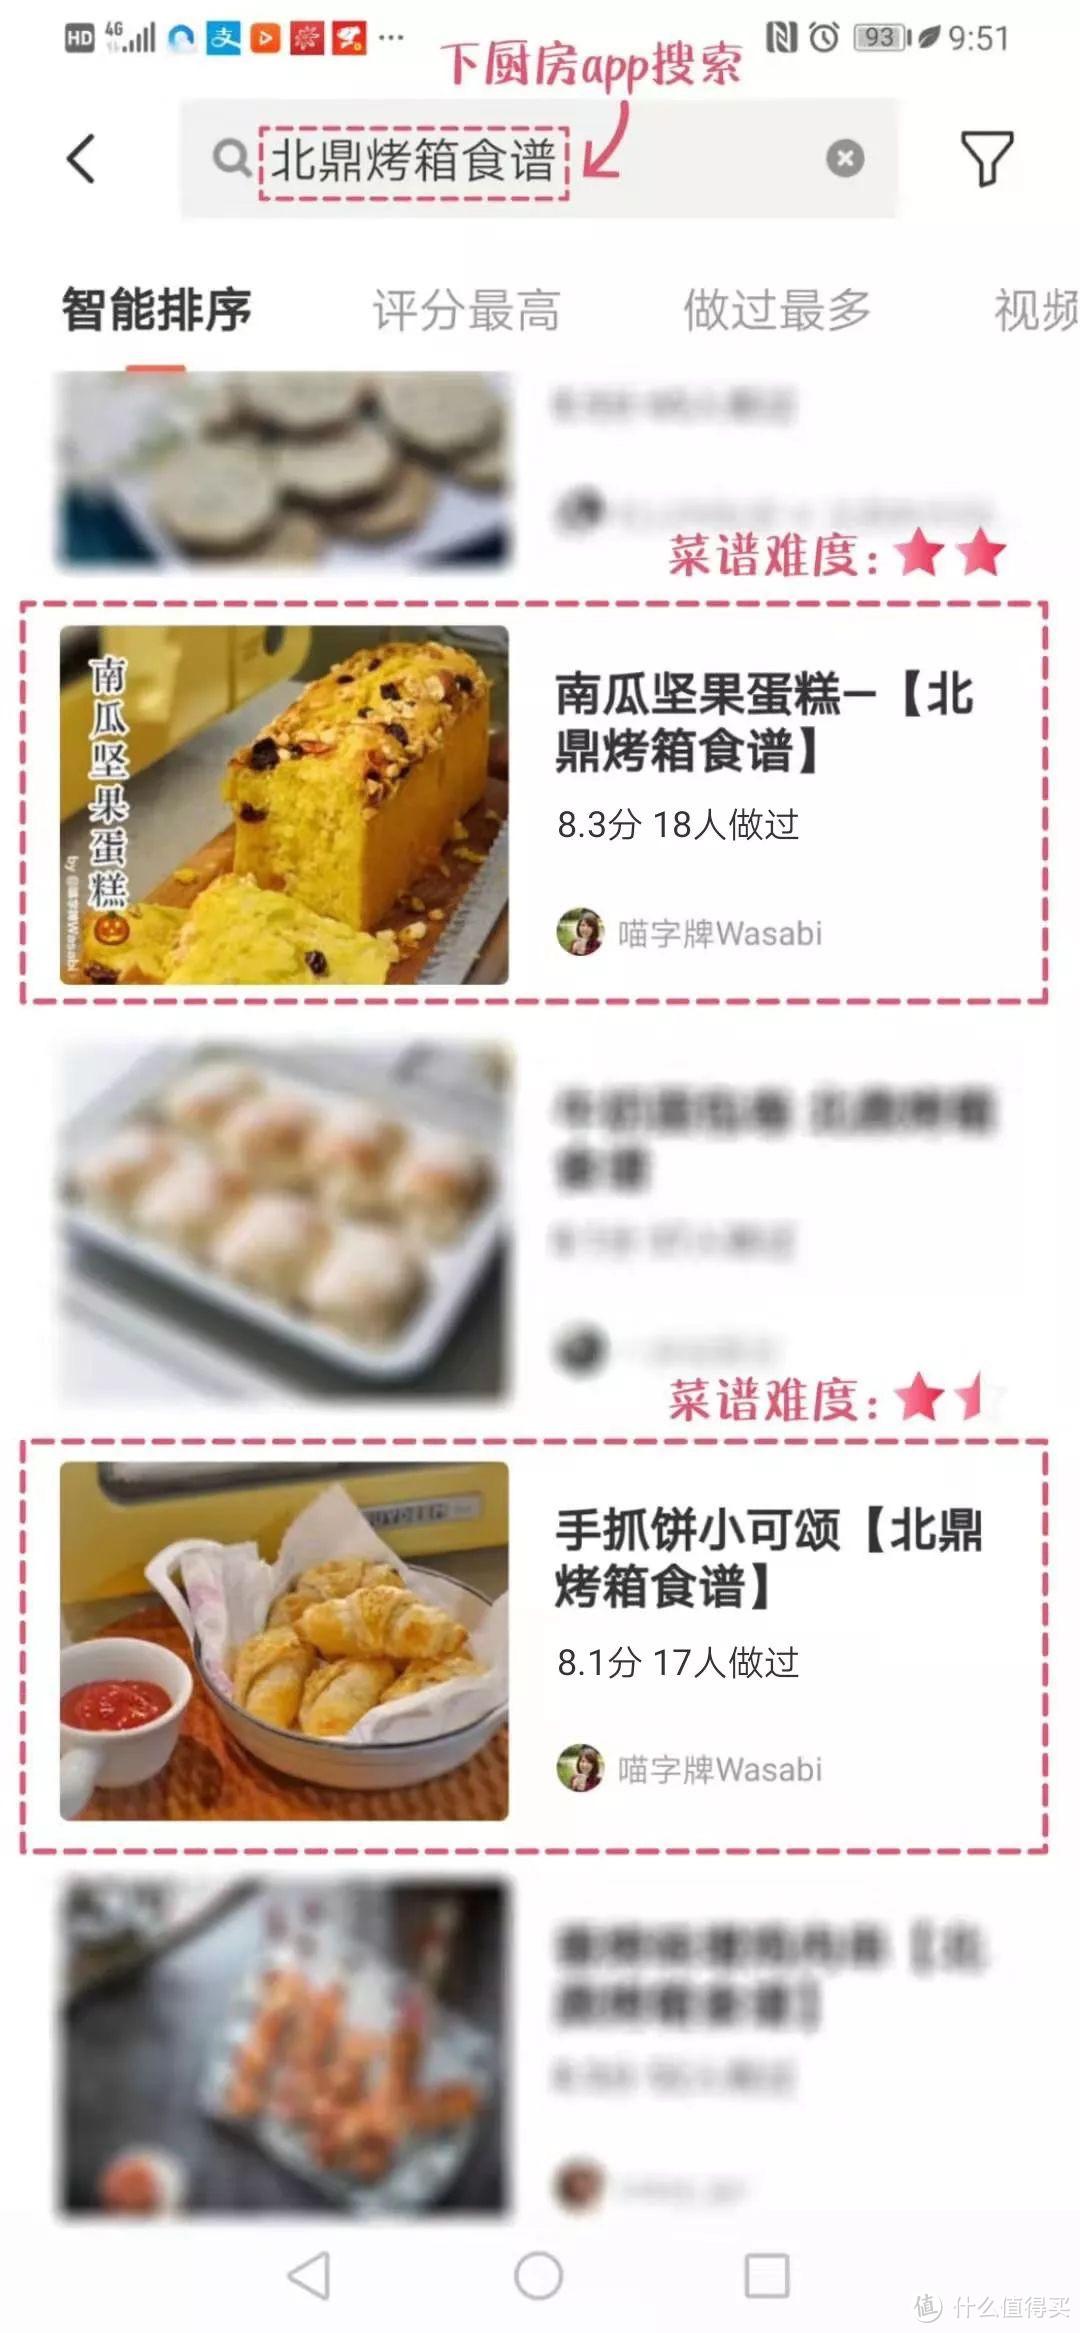 下厨房app可搜索北鼎烤箱食谱